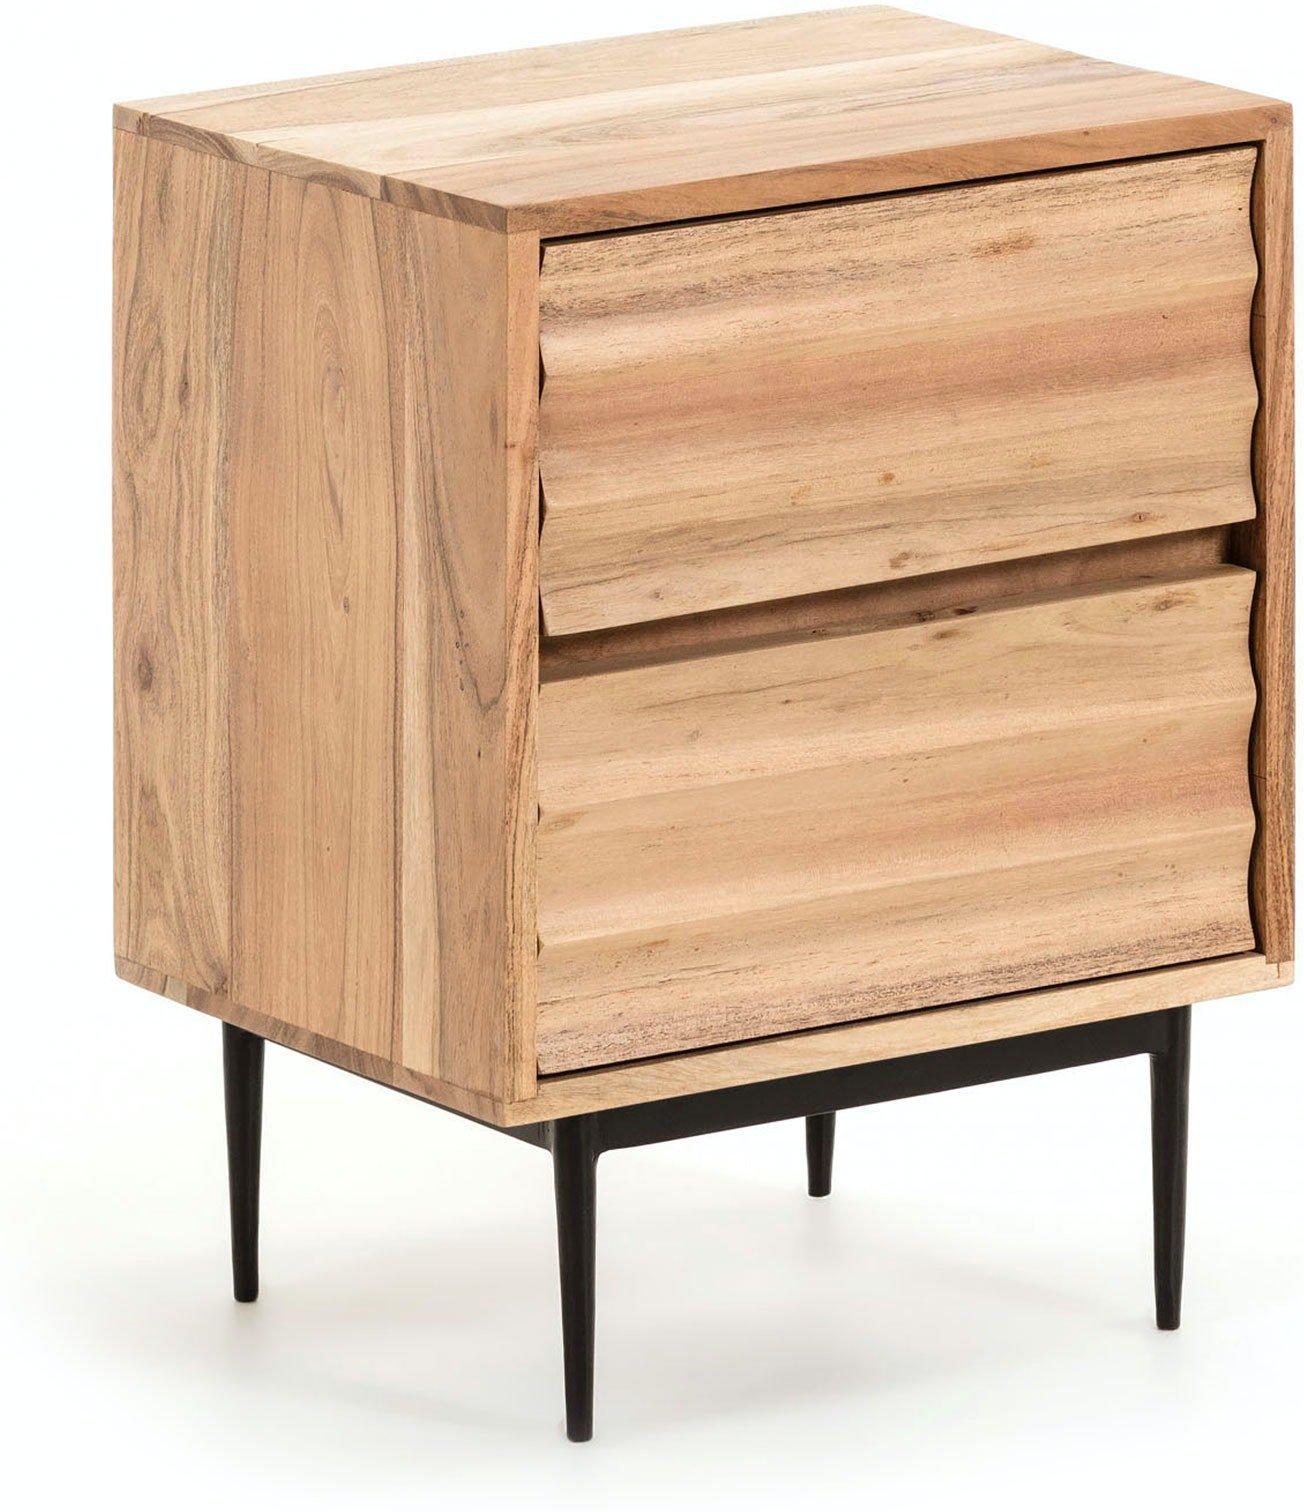 Delsie, Sengebord med 2 skuffer, Akacietræ by LaForma (H: 55 cm. B: 40 cm. L: 35 cm., Natur/Sort)